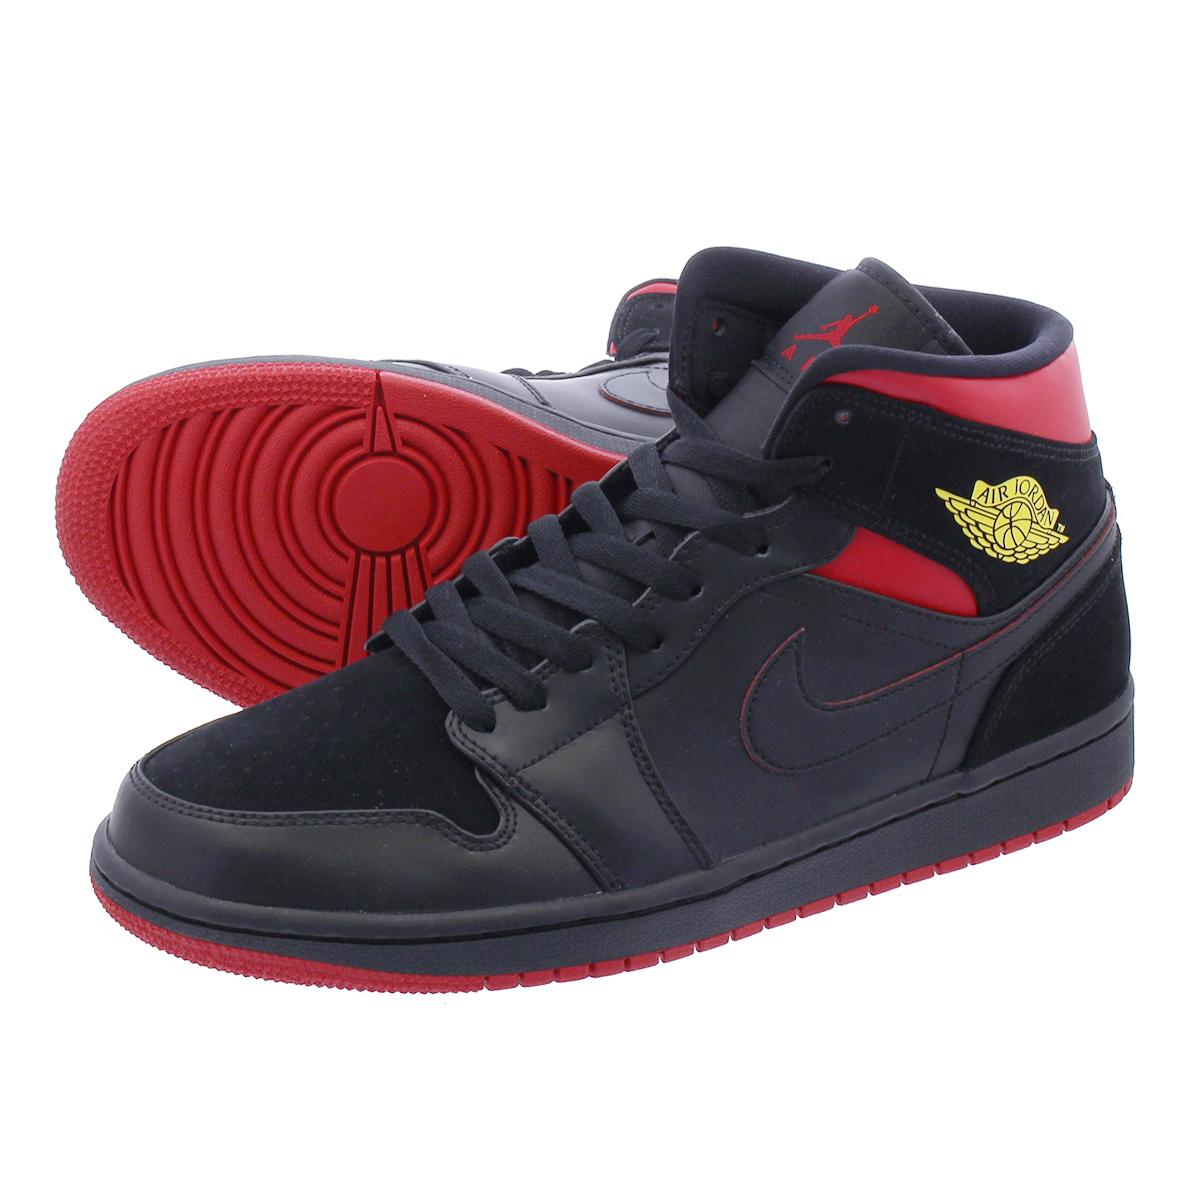 reputable site cde4e f594b NIKE AIR JORDAN 1 MID Nike Air Jordan 1 mid BLACK/VARSITY RED/YELLOW  554,724-076